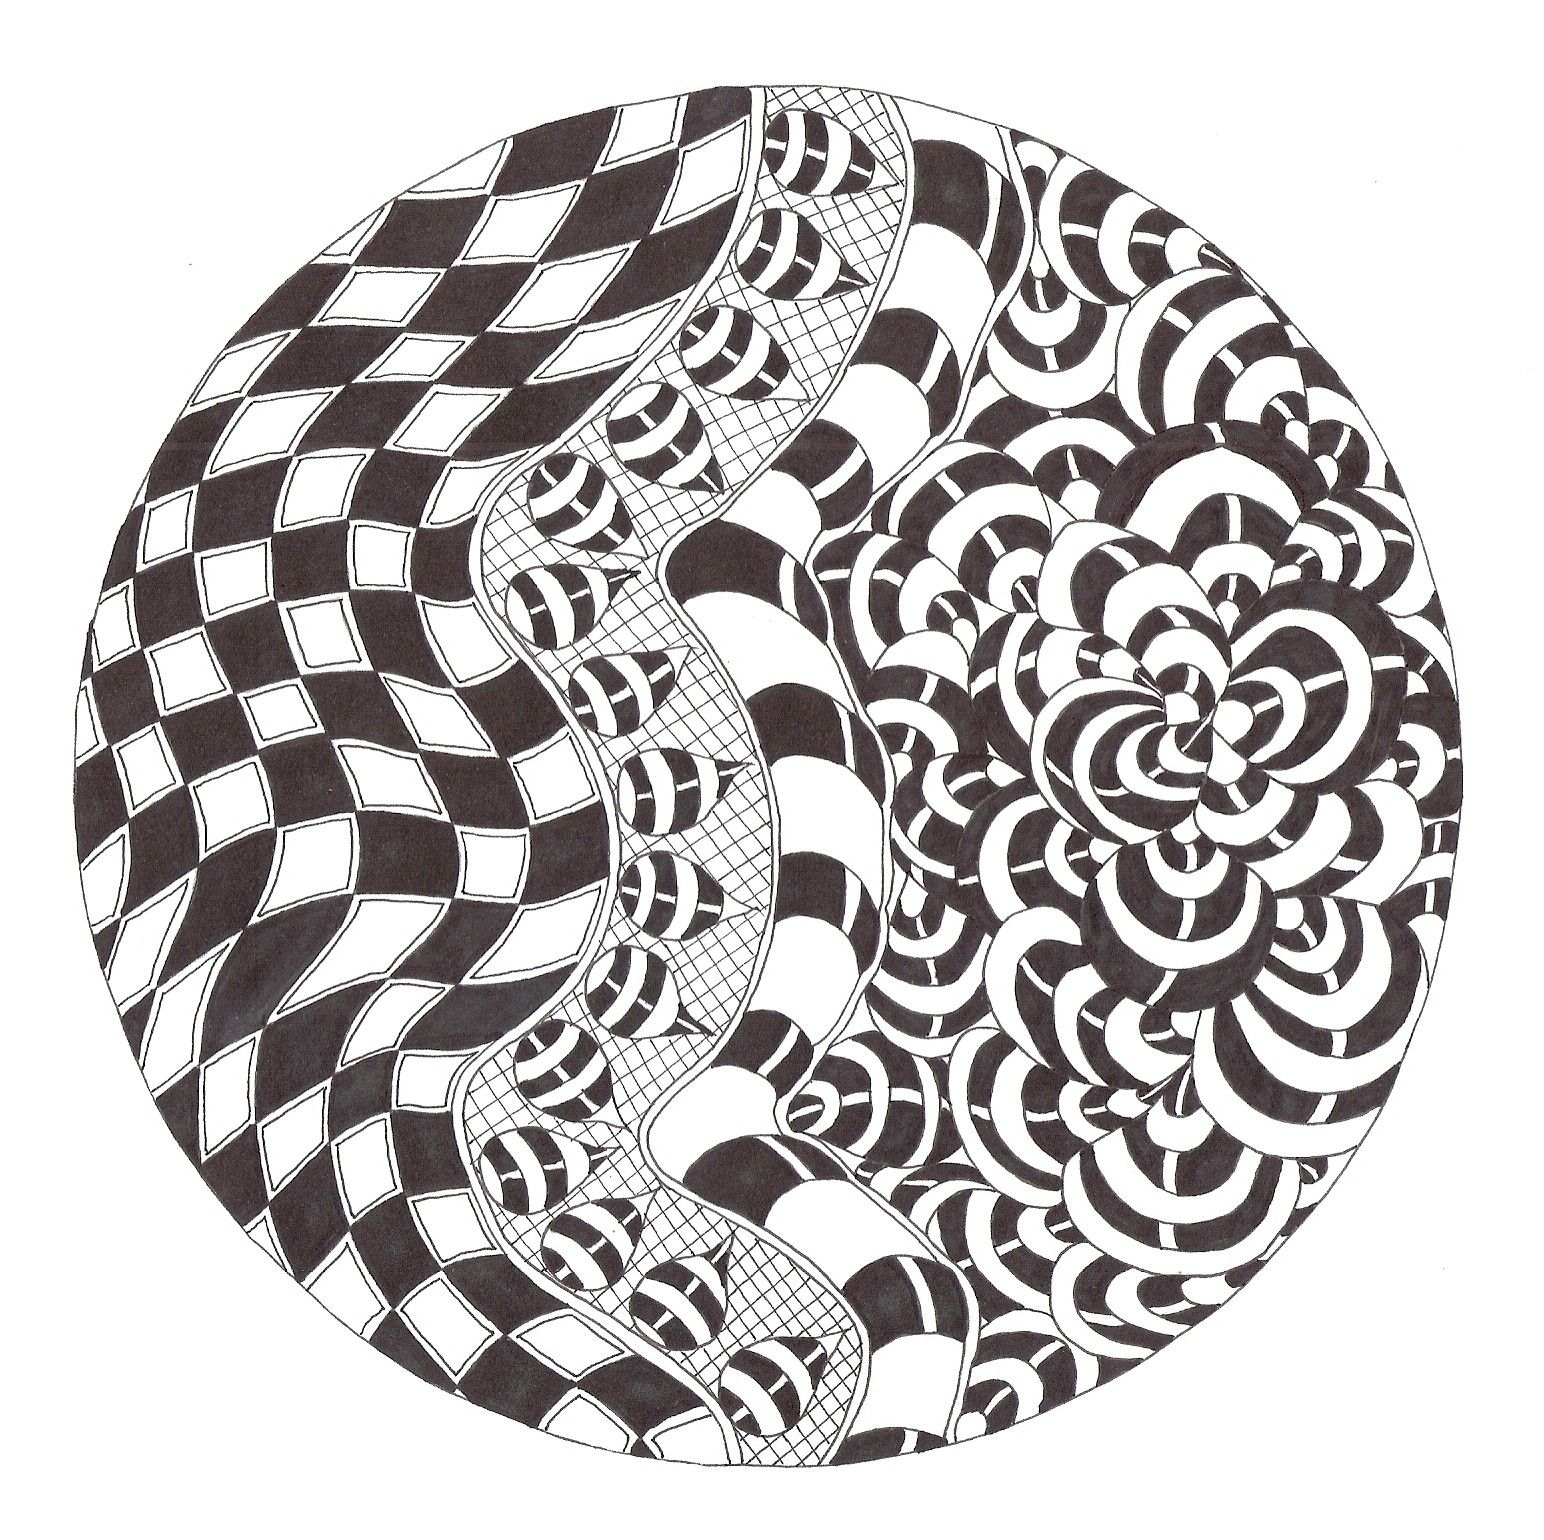 Zentangle Made By Mariska Den Boer 102 Zwart Wit Zwart Zentangle